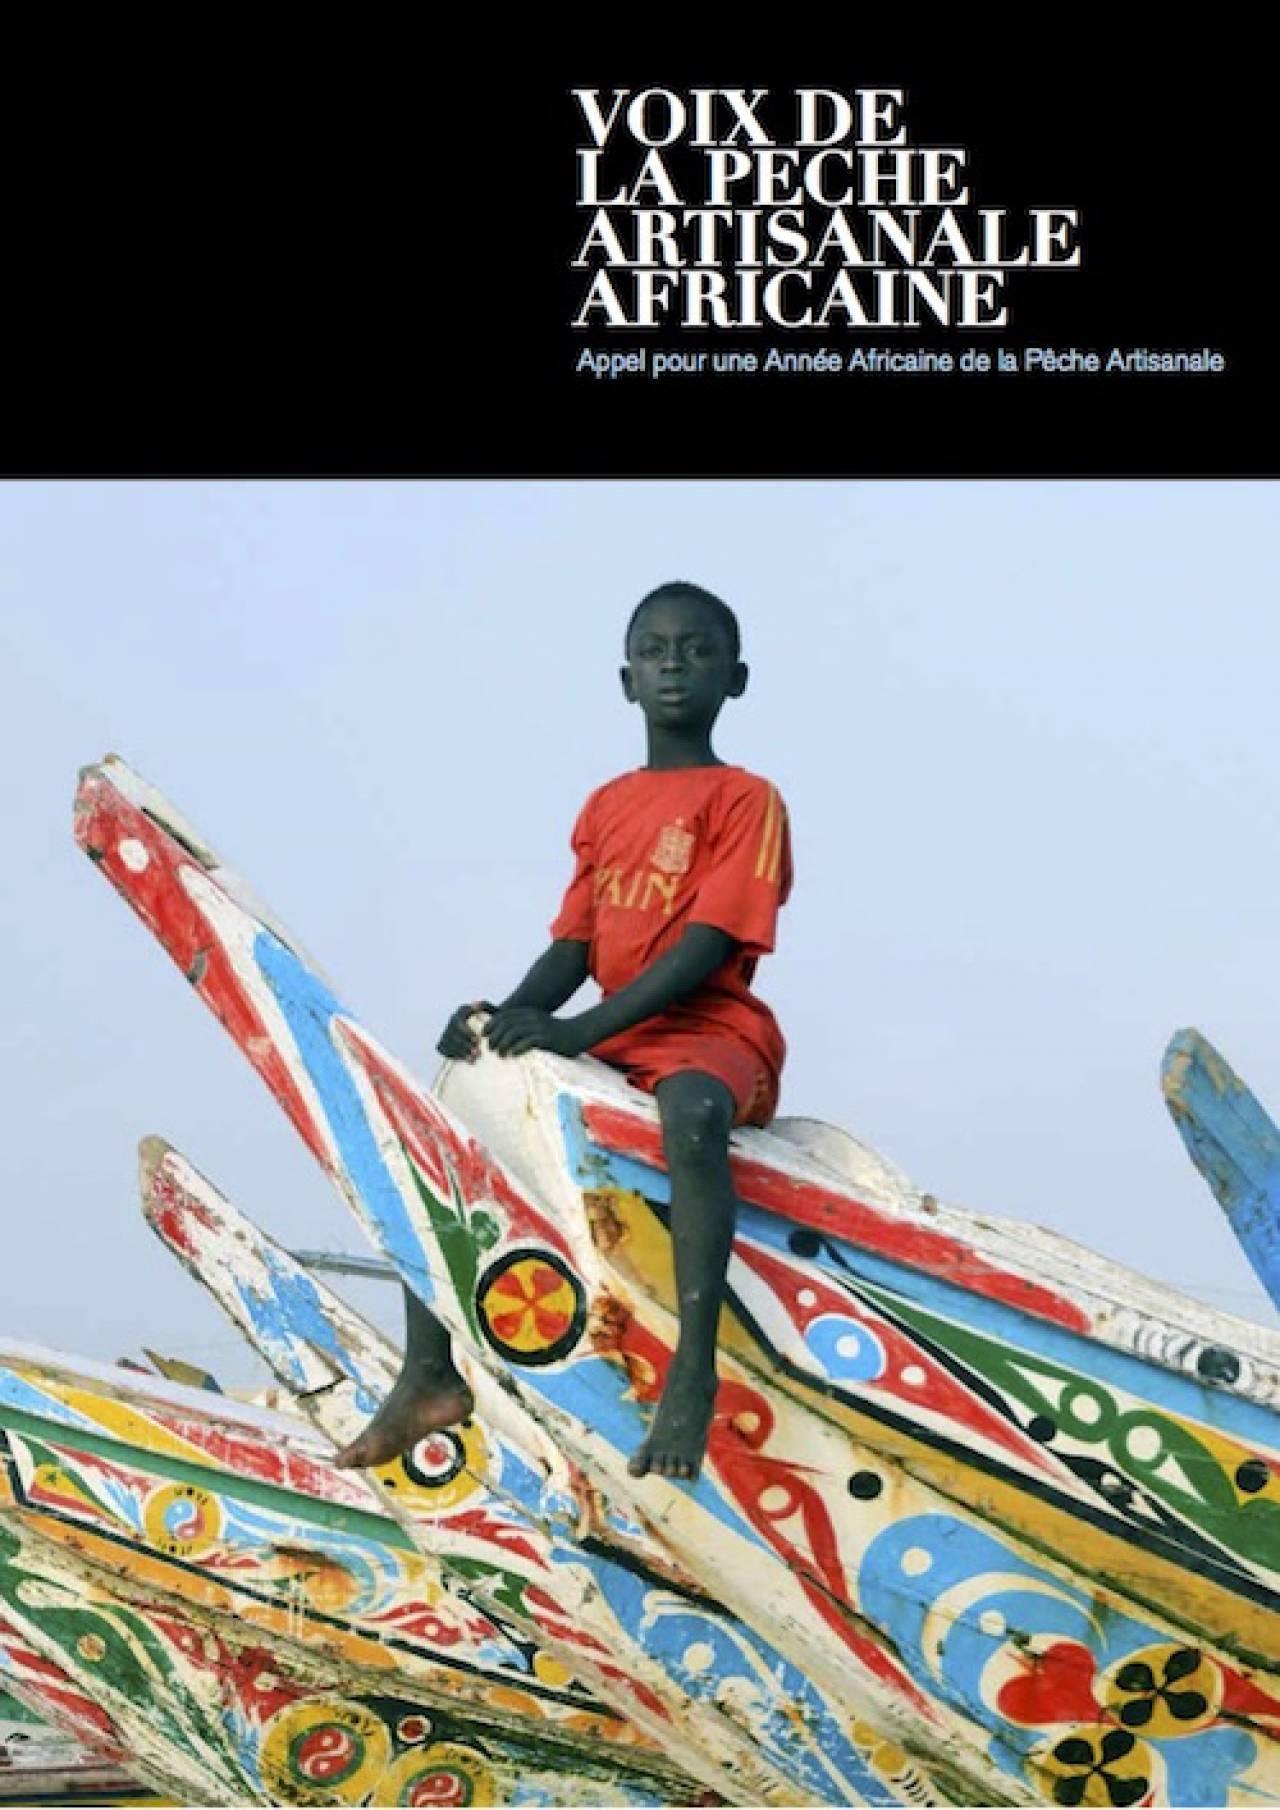 Voix de la pêche artisanale africaine